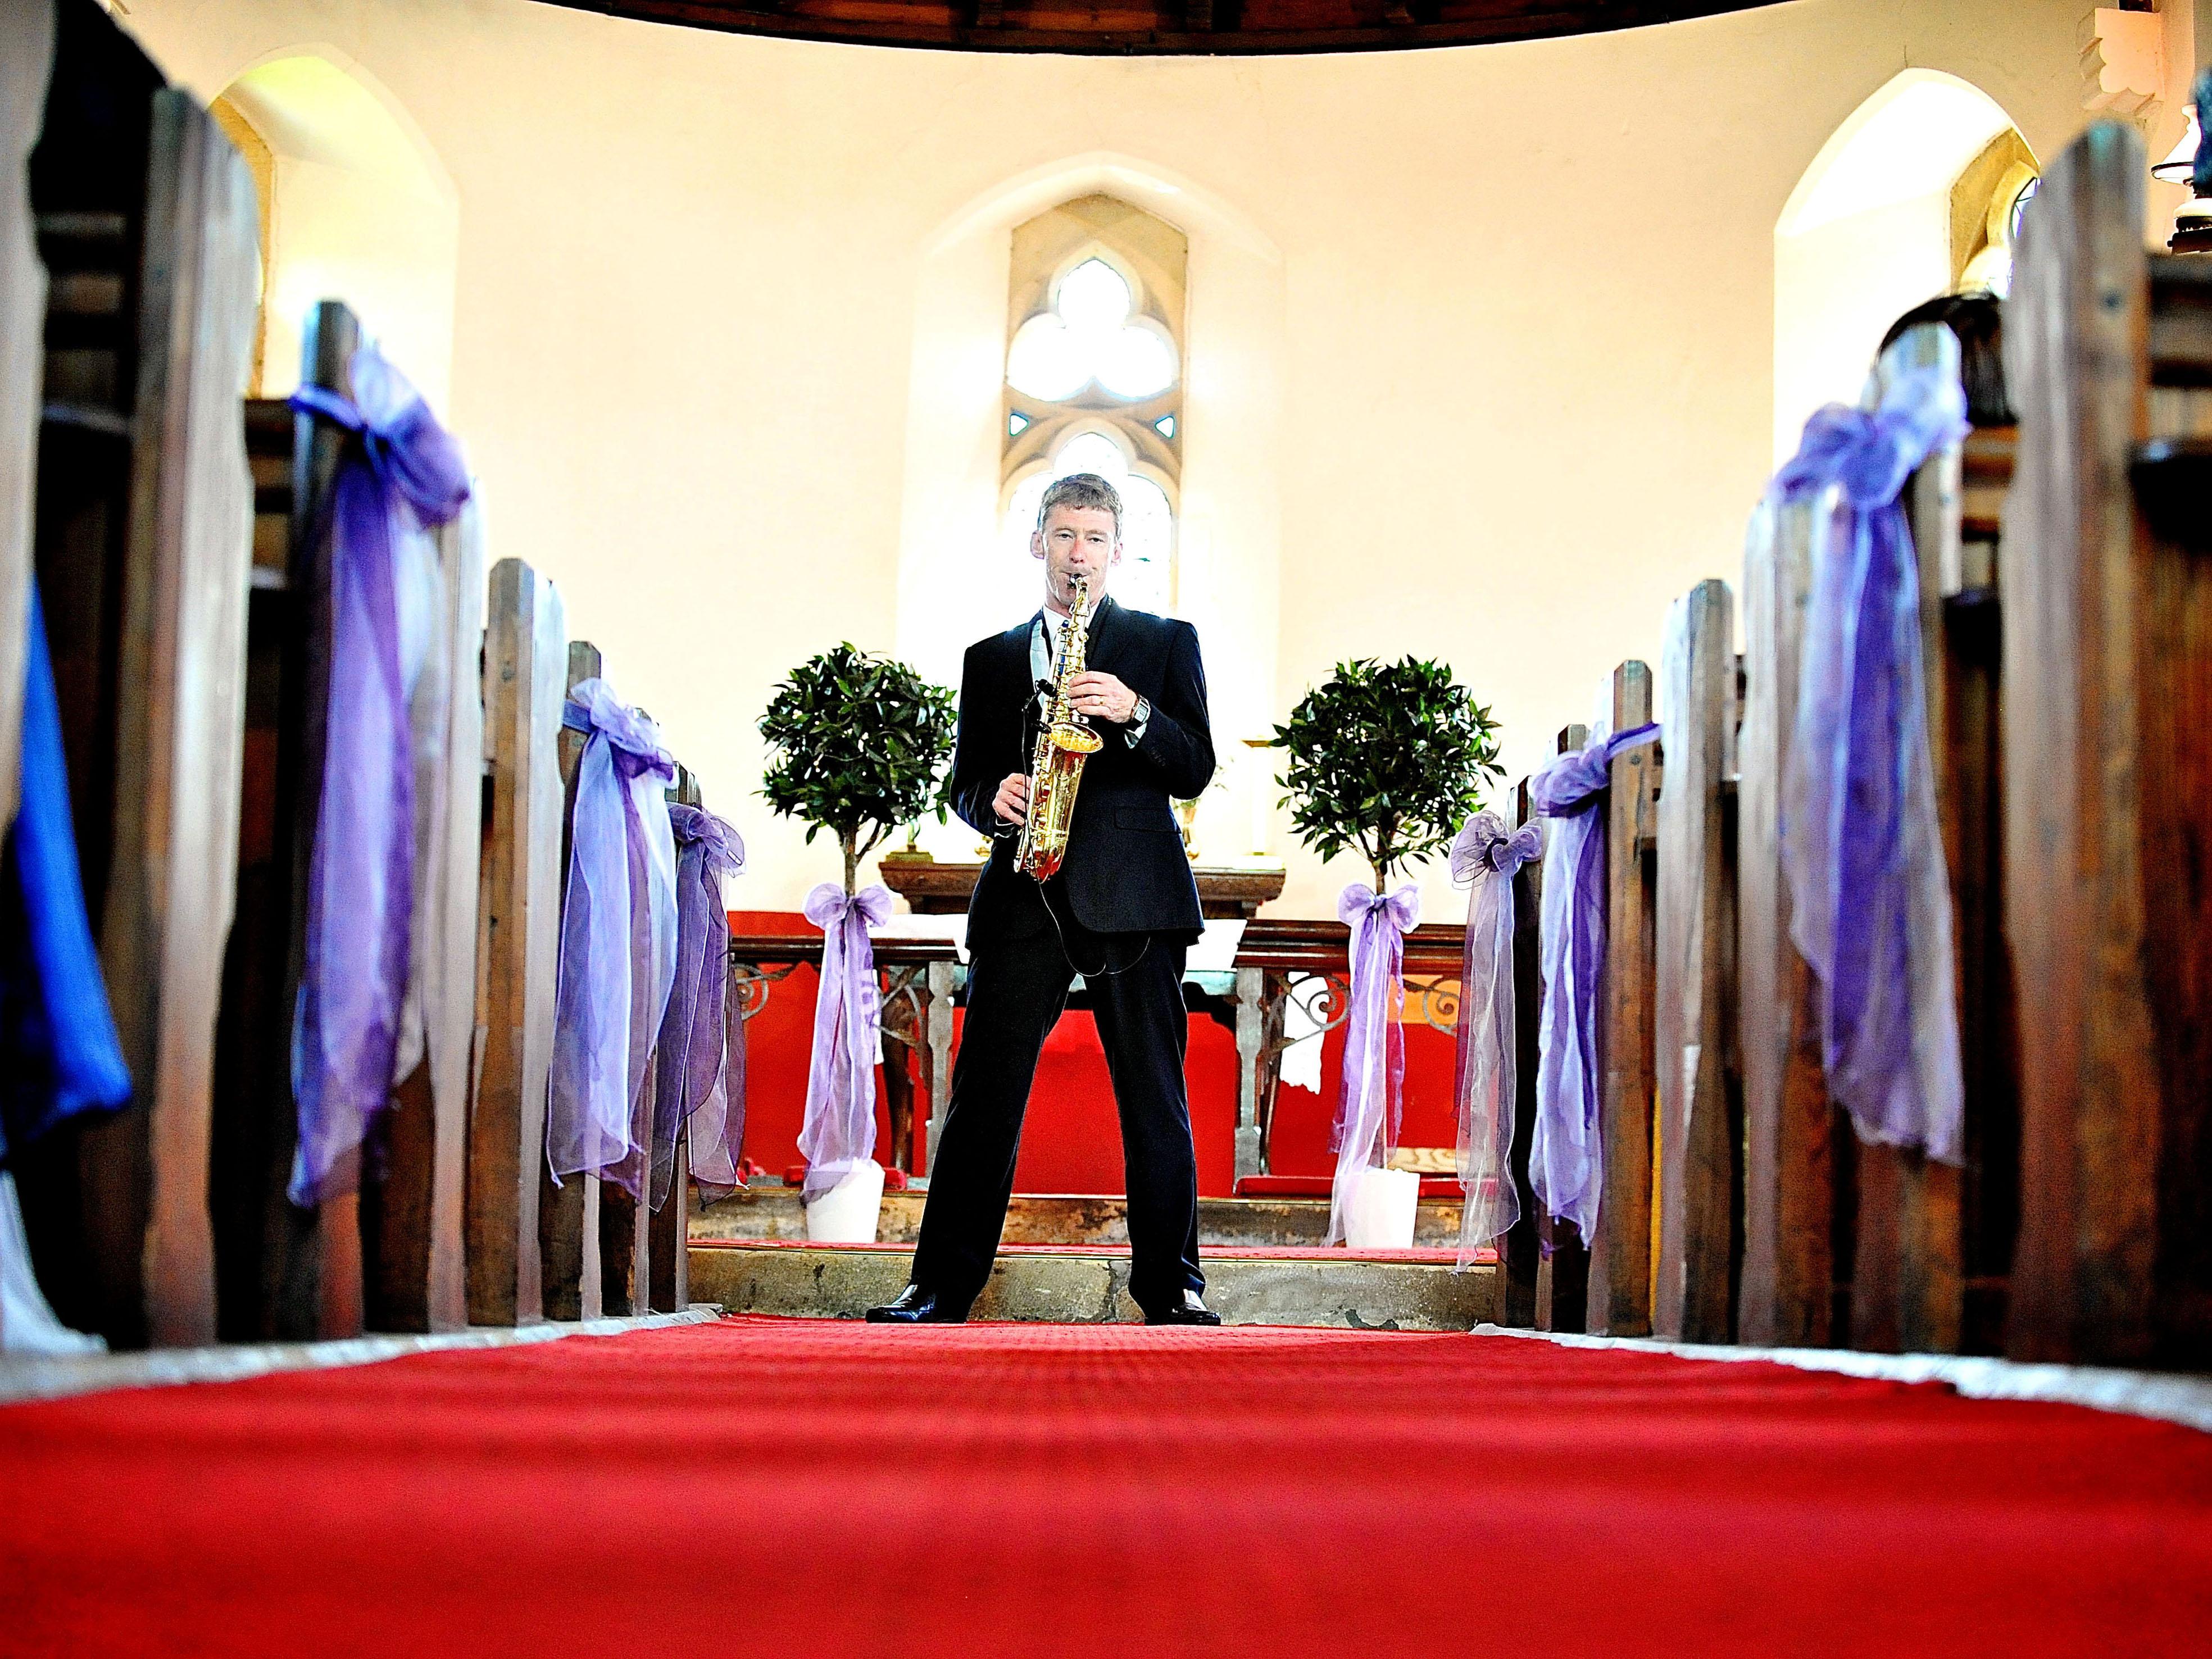 Ceremony Music Wedding Sax Player Matt Stacey Wedding Music Specialist